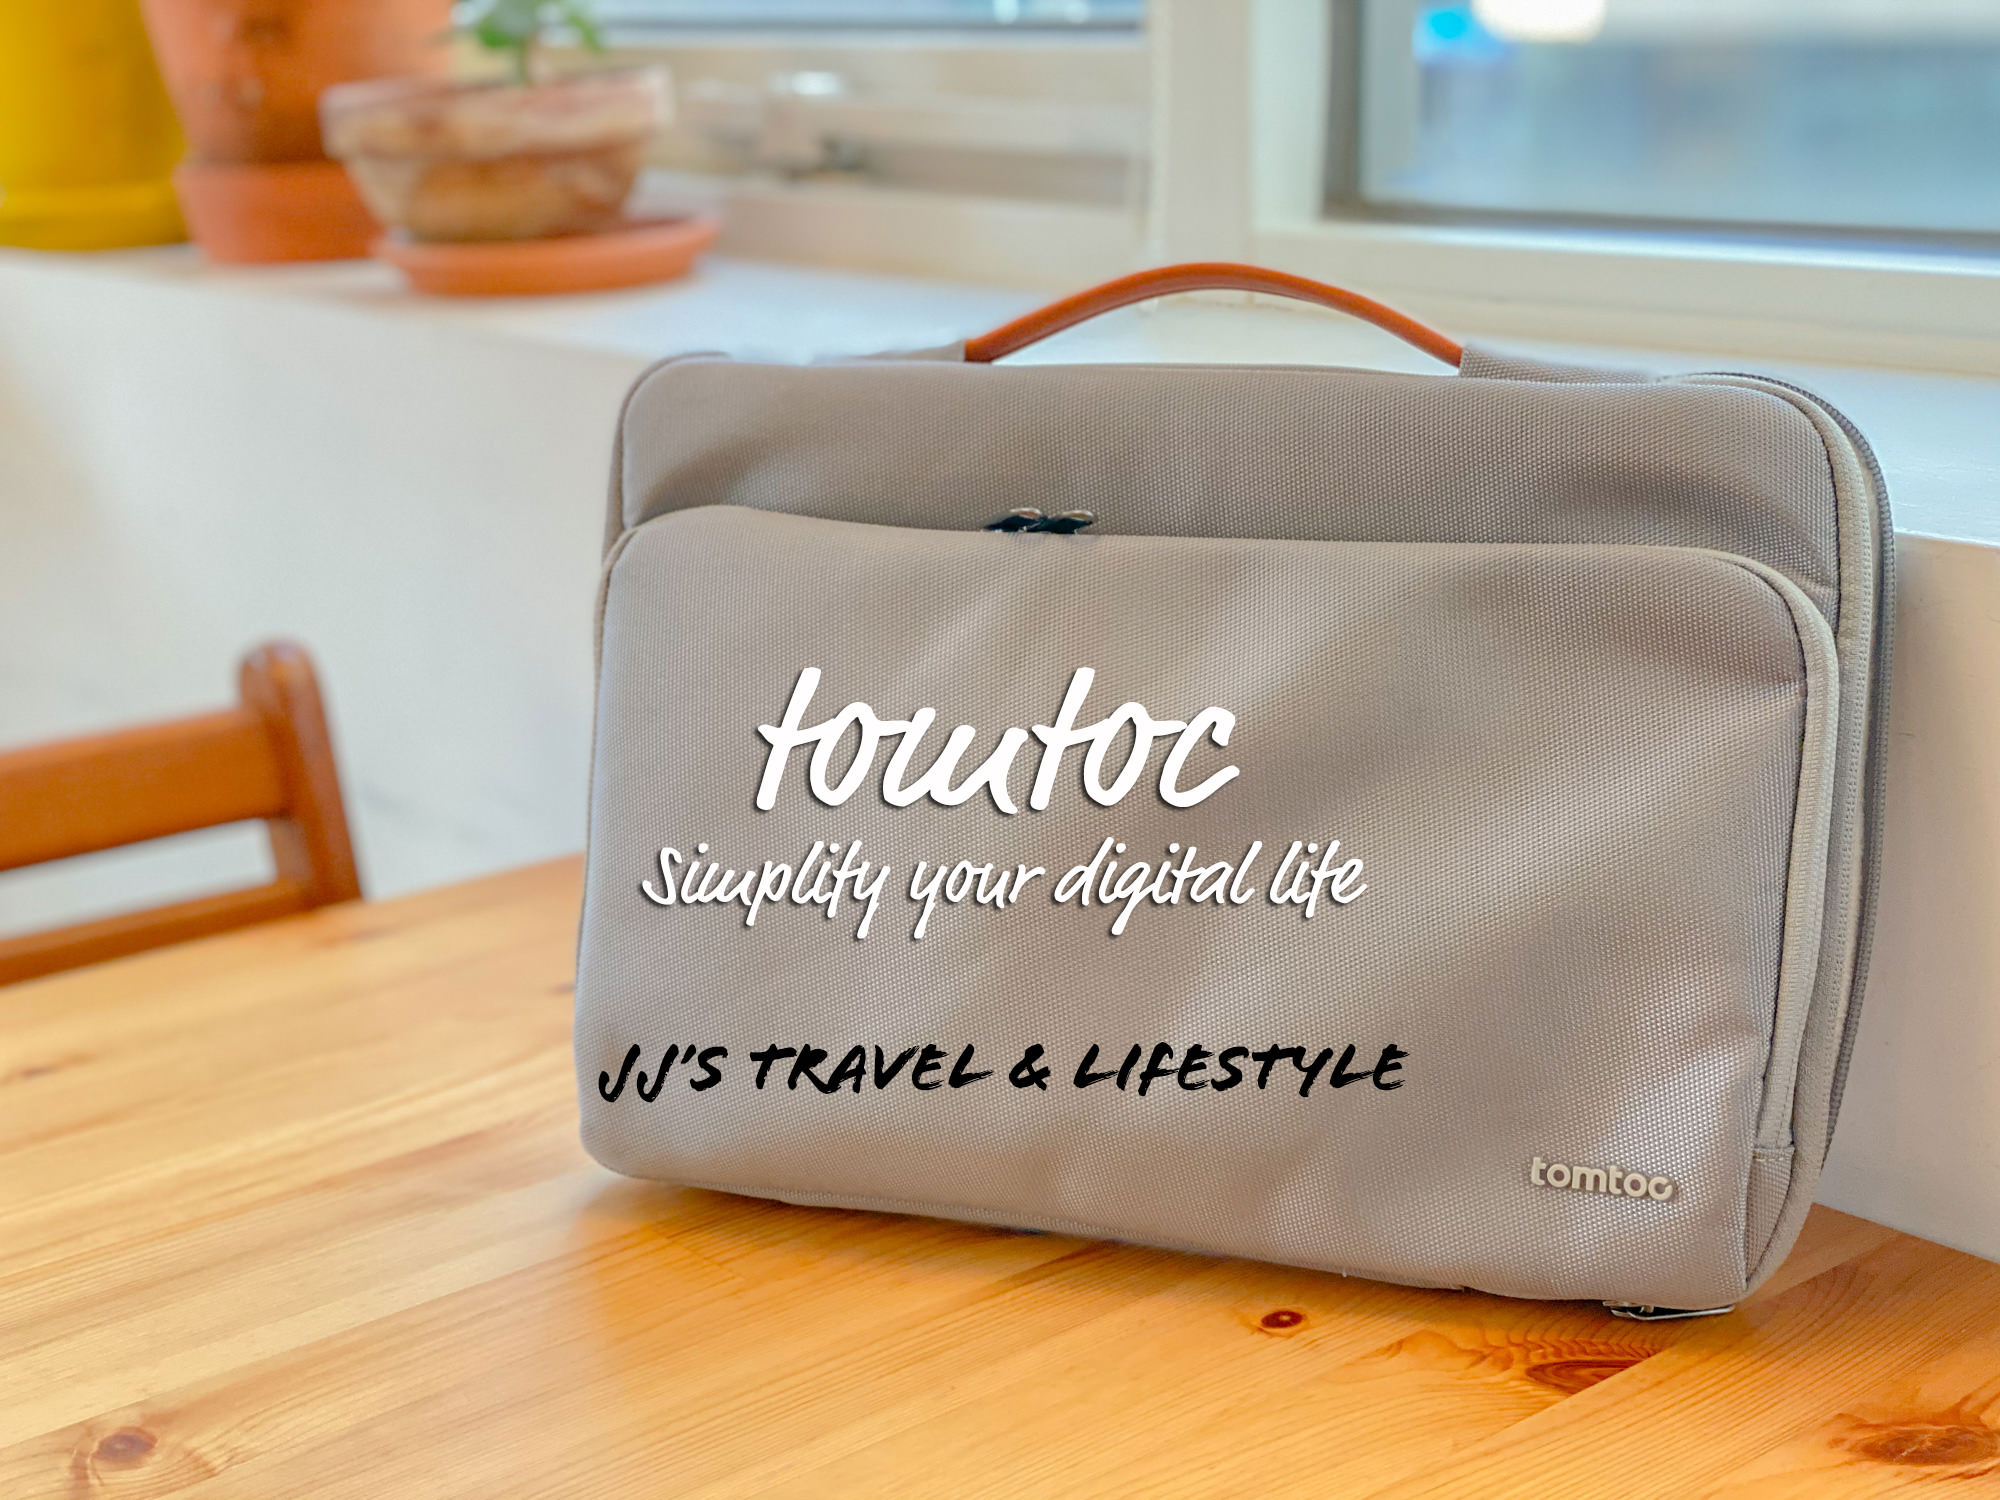 生活小物|Tomtoc 13吋筆電包開箱,MacBook適用